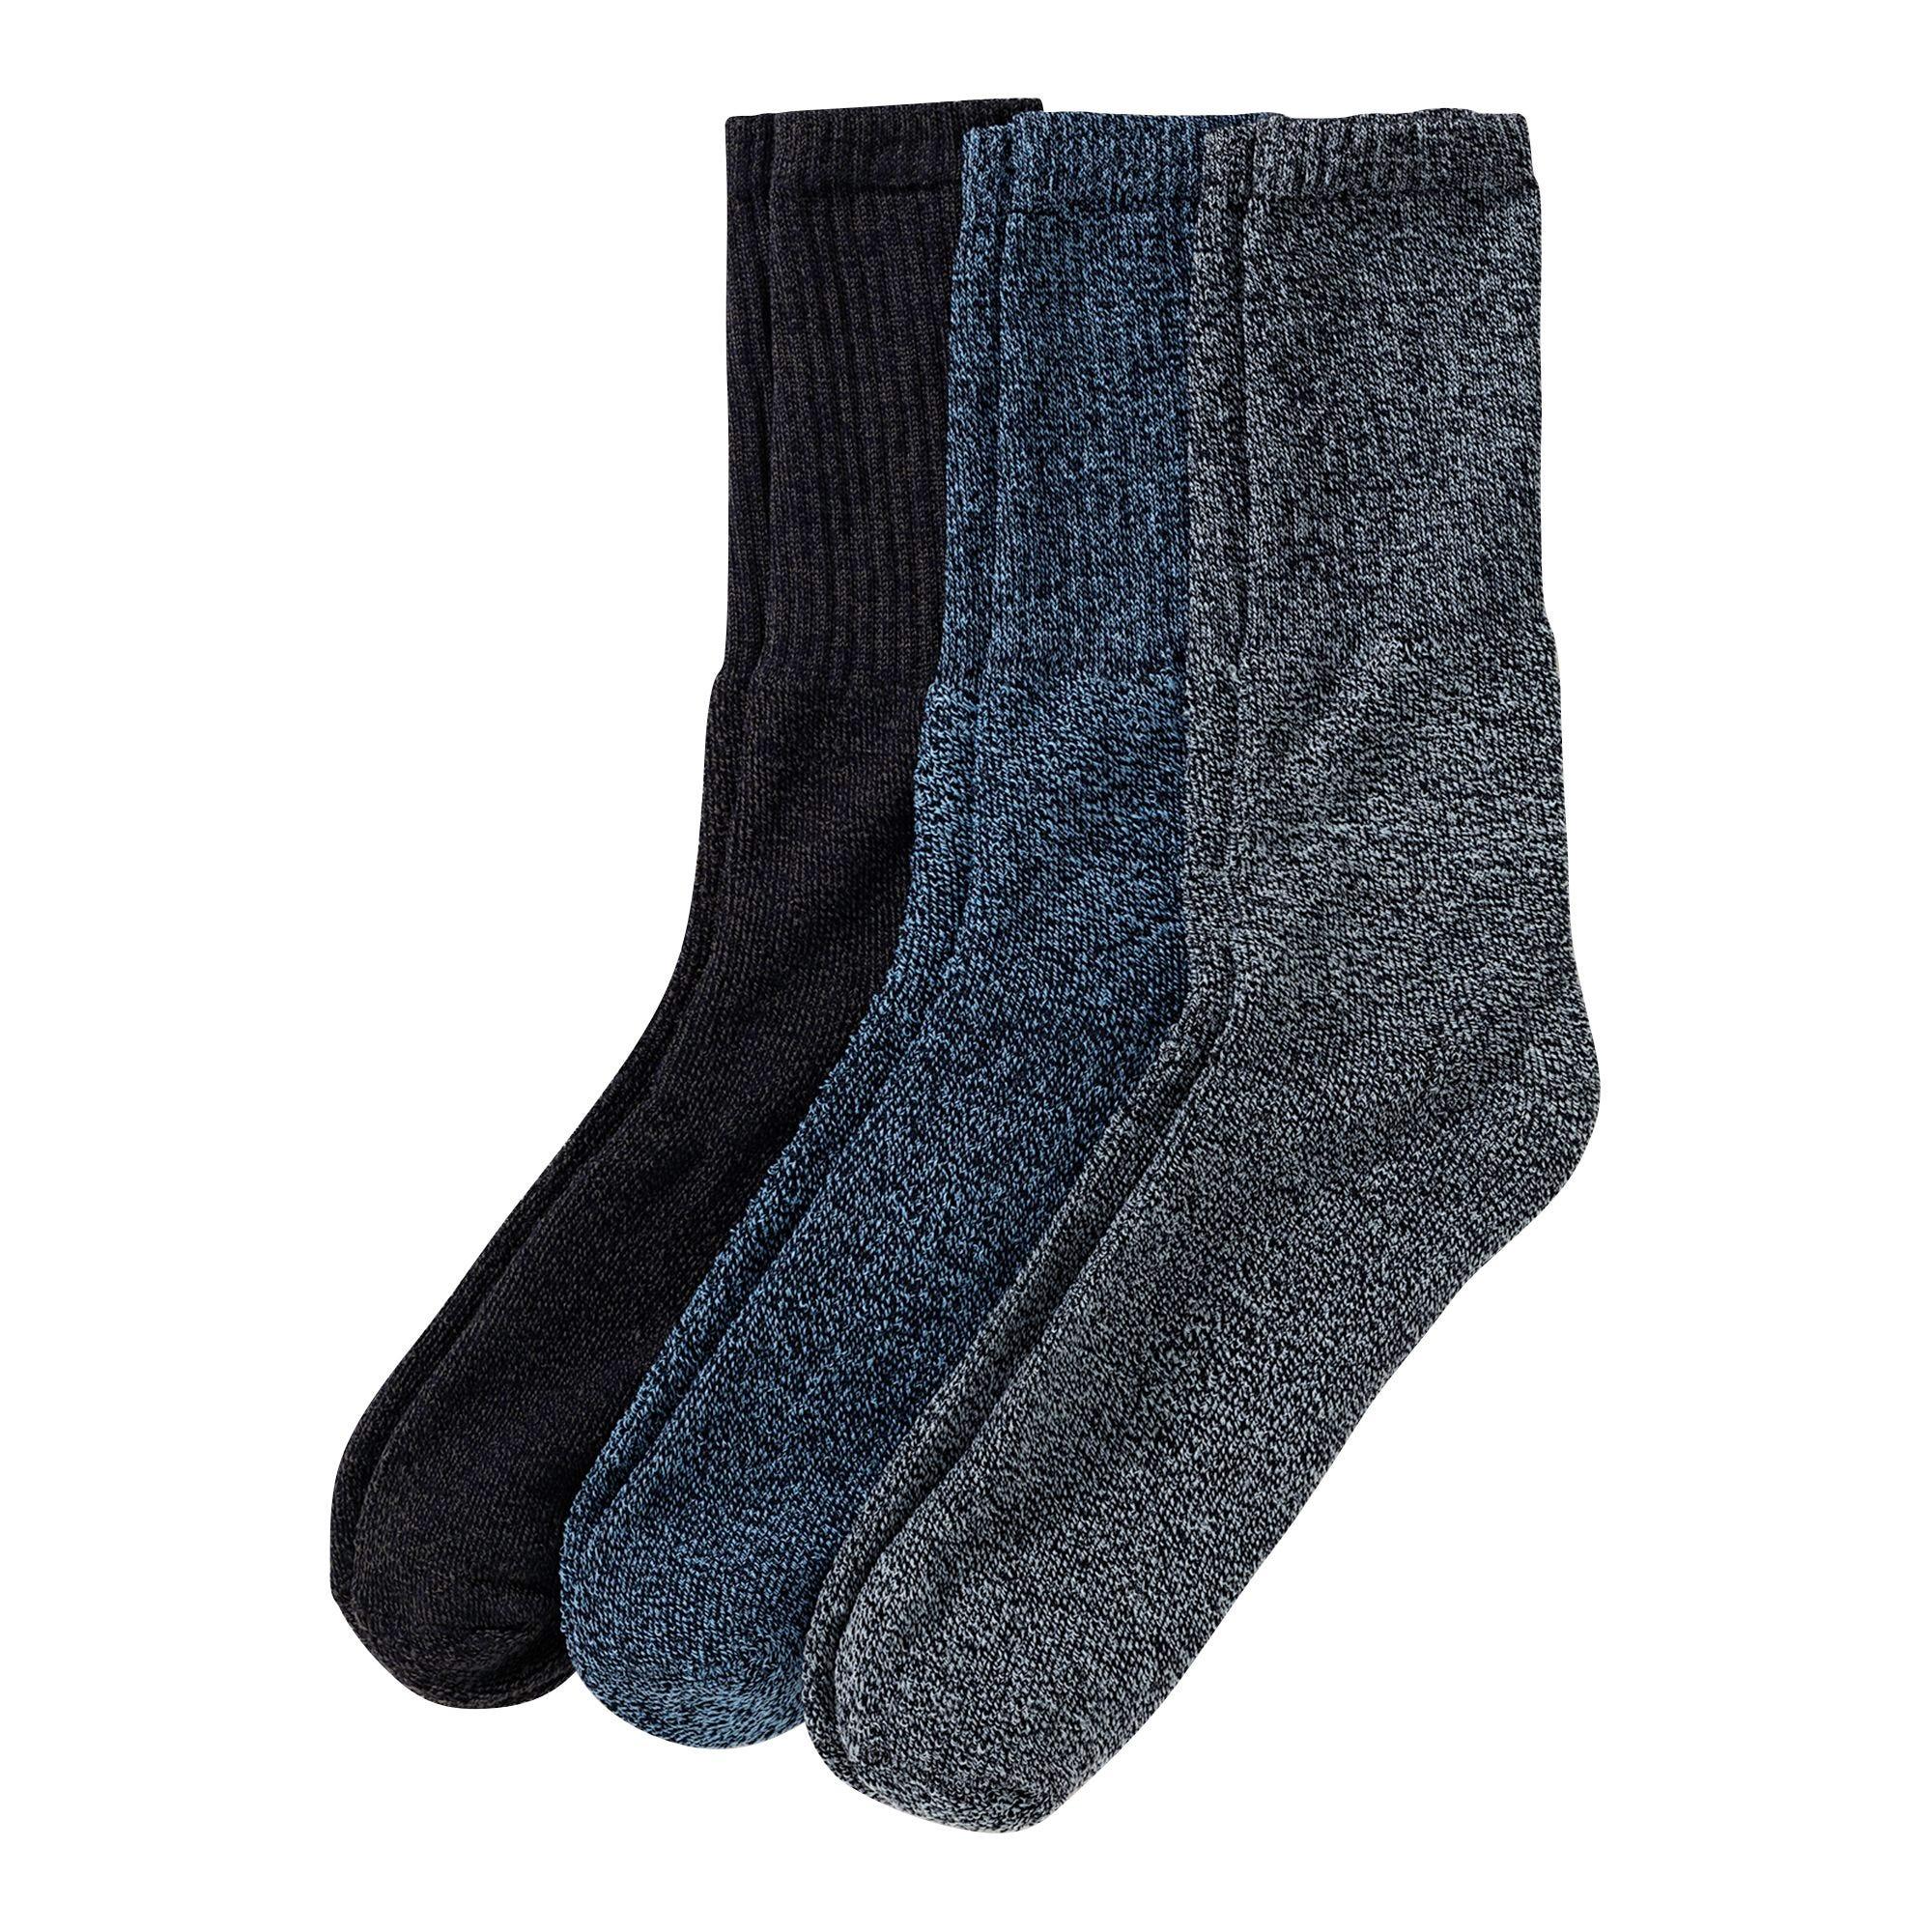 Socken Angebote ⇒ Jetzt günstig kaufen